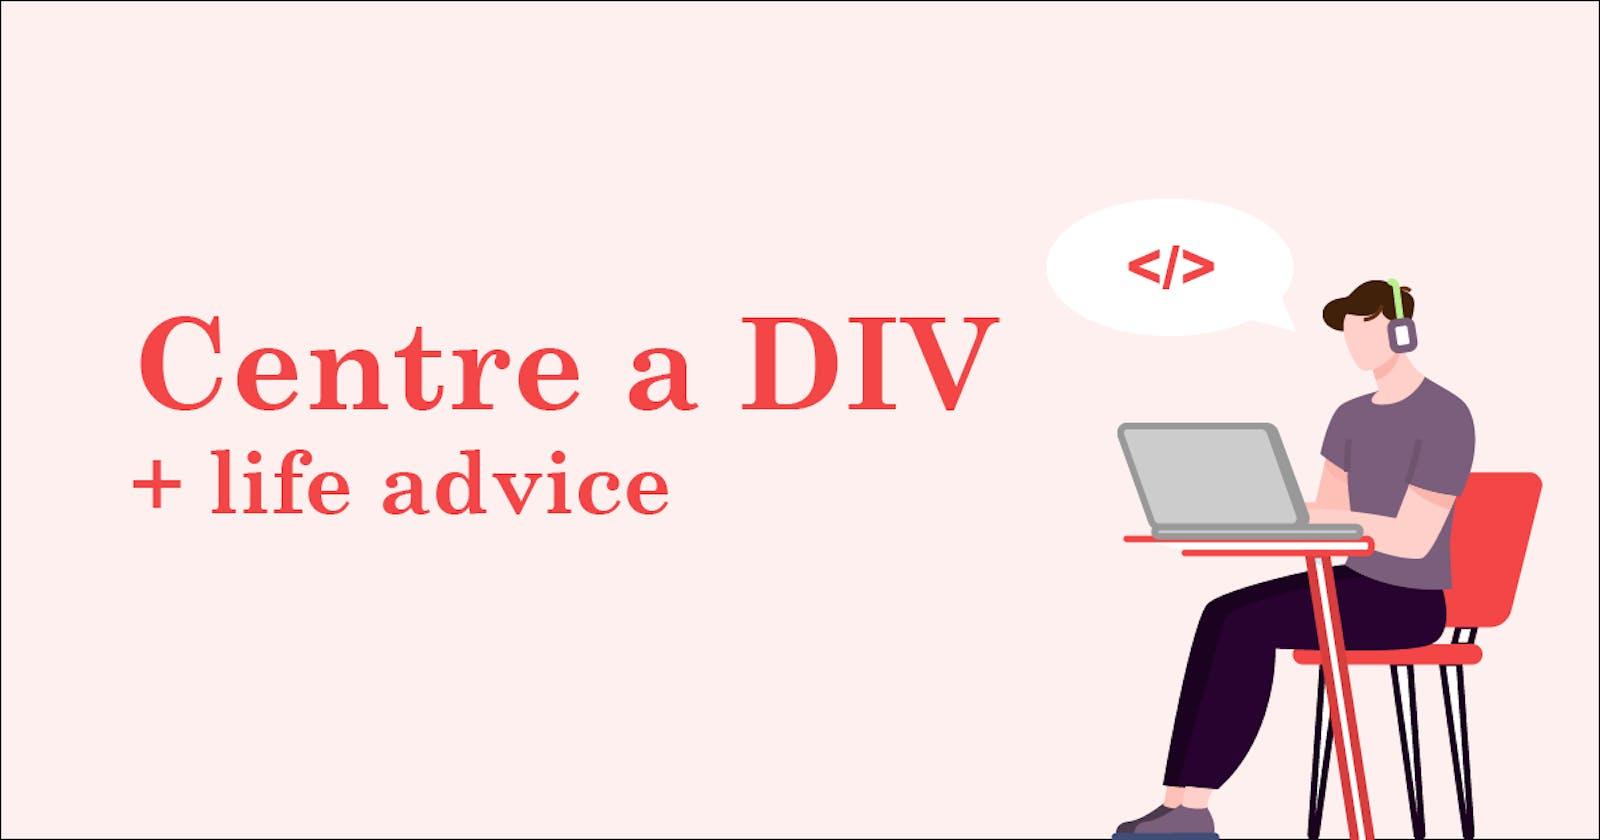 3 ways to centre a div + life advice